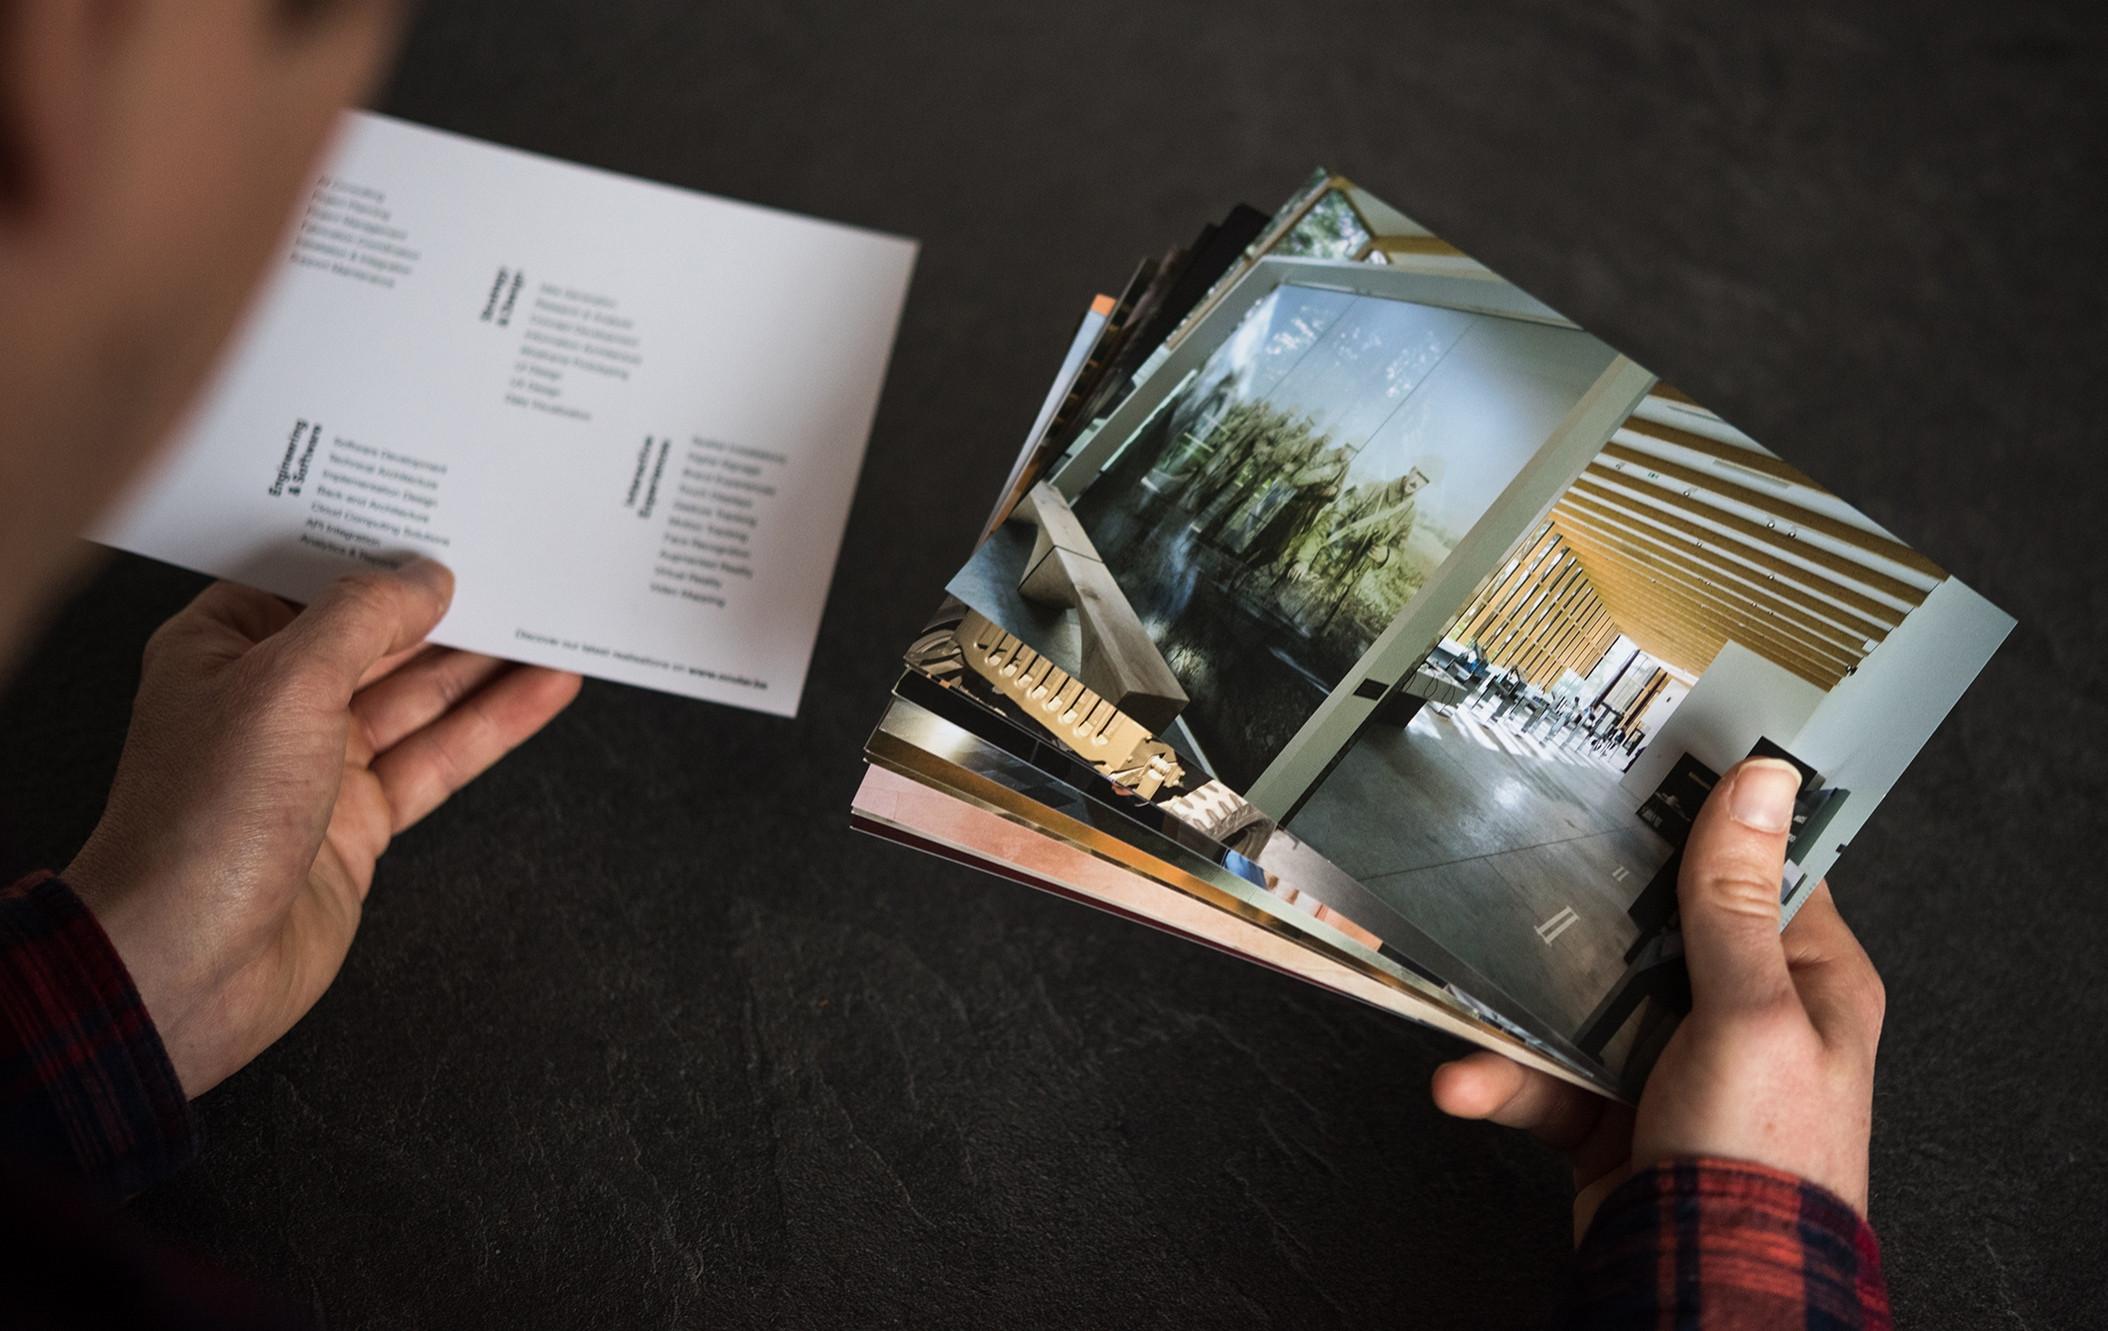 We stonden in voor het grafisch ontwerp van de fiches in dit stijlvolle doosje.